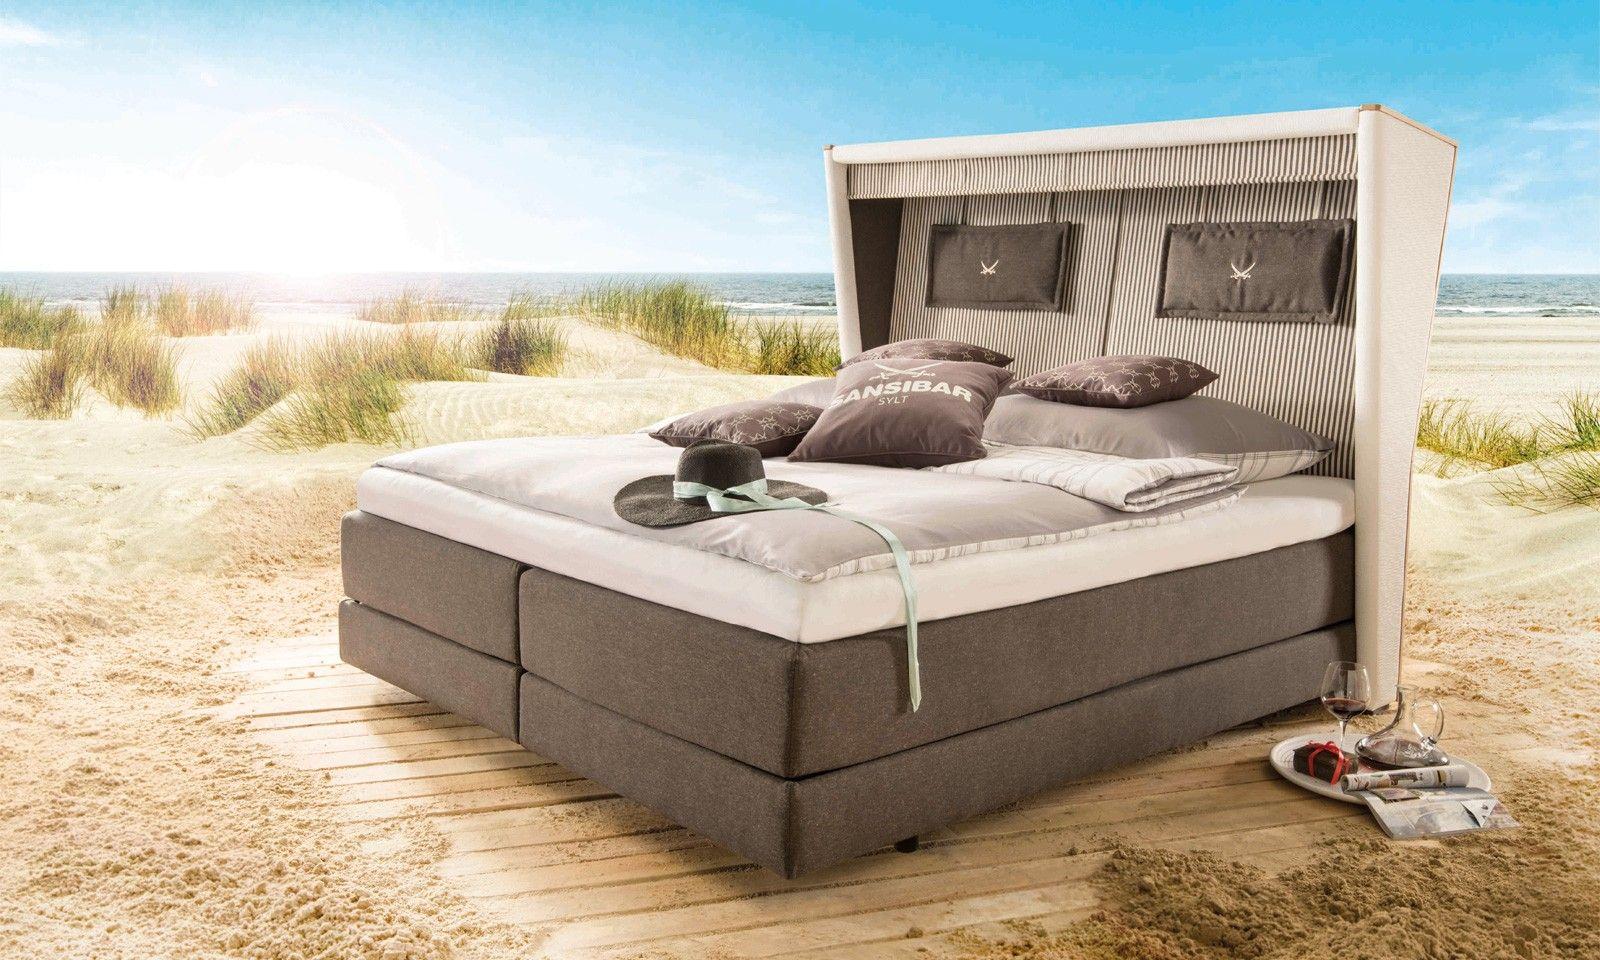 Boxspringbett In Strandkorb Optik Außergewöhnlich Schön